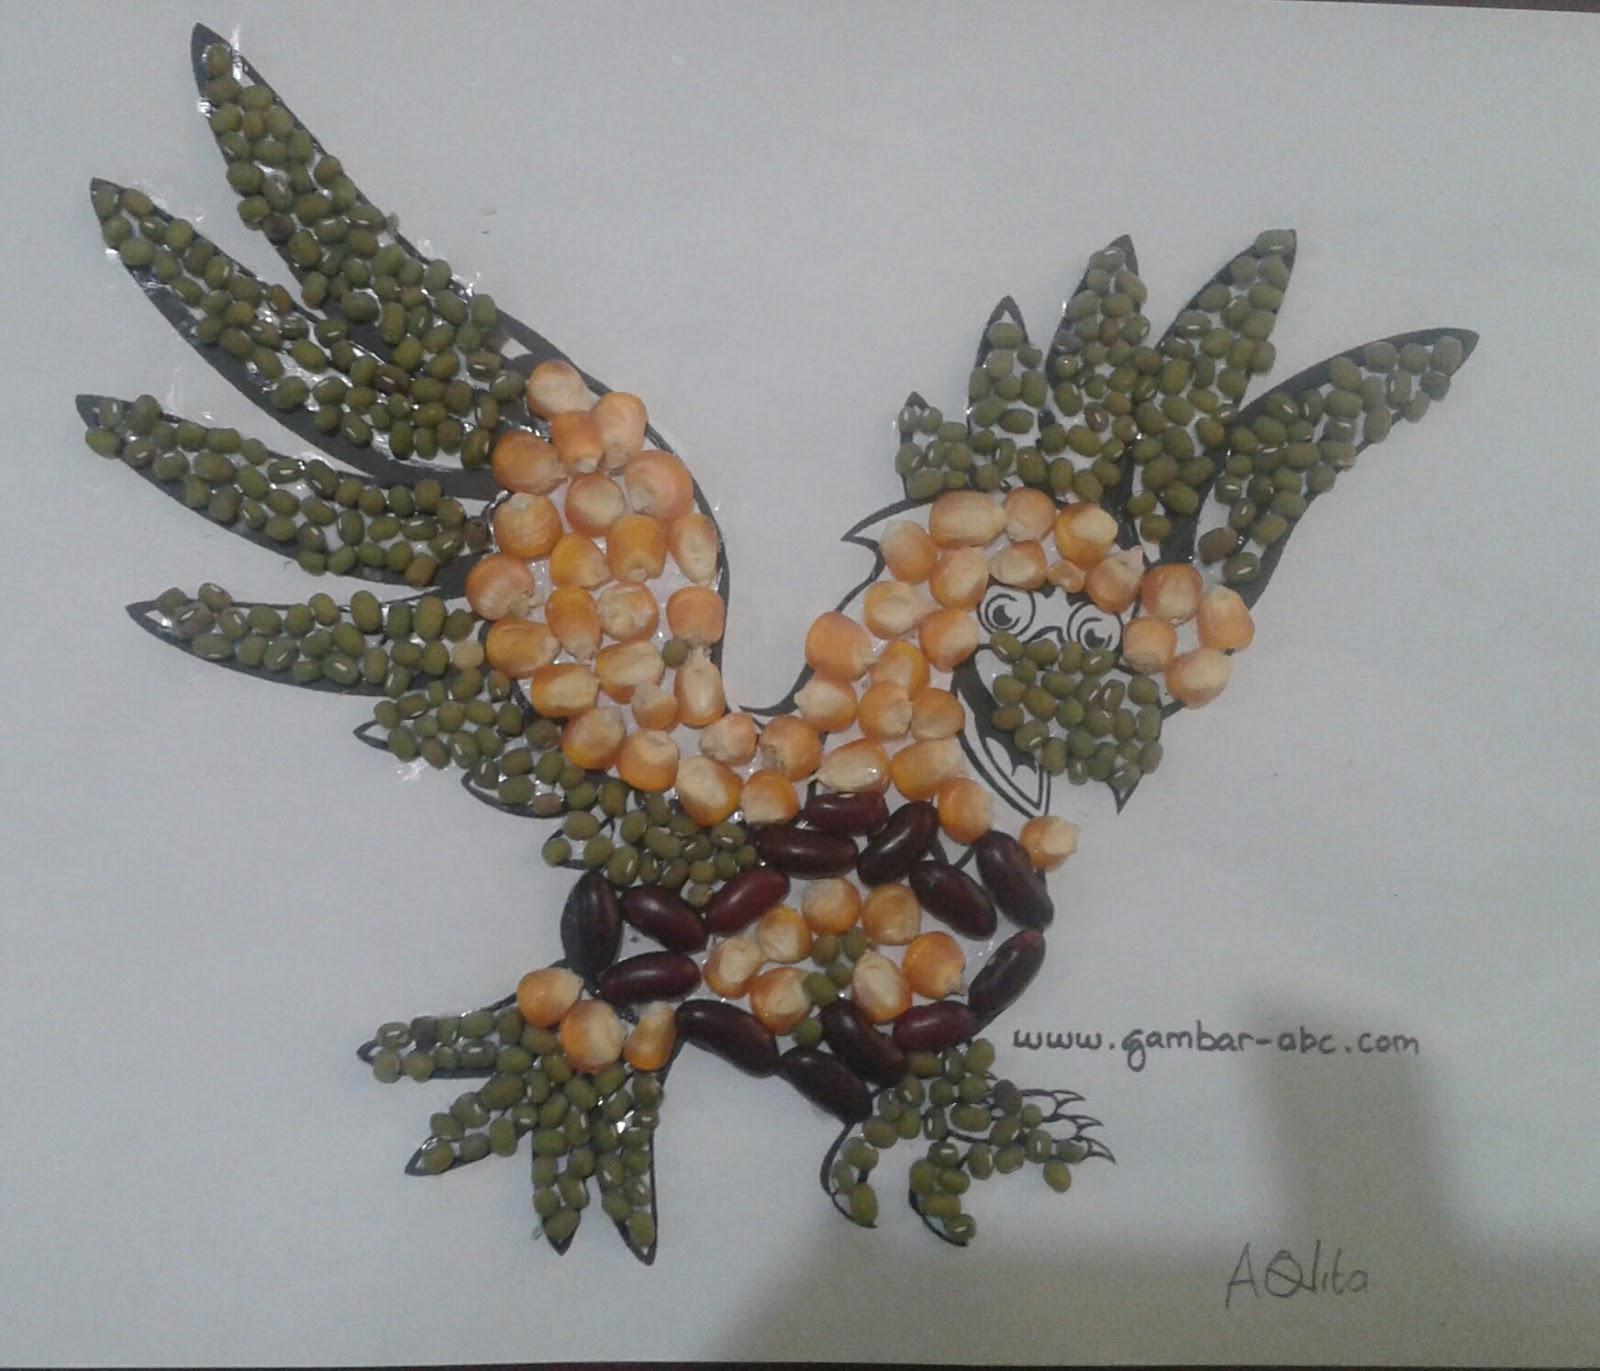 420 Gambar Binatang Untuk Membuat Mozaik Gratis Terbaru